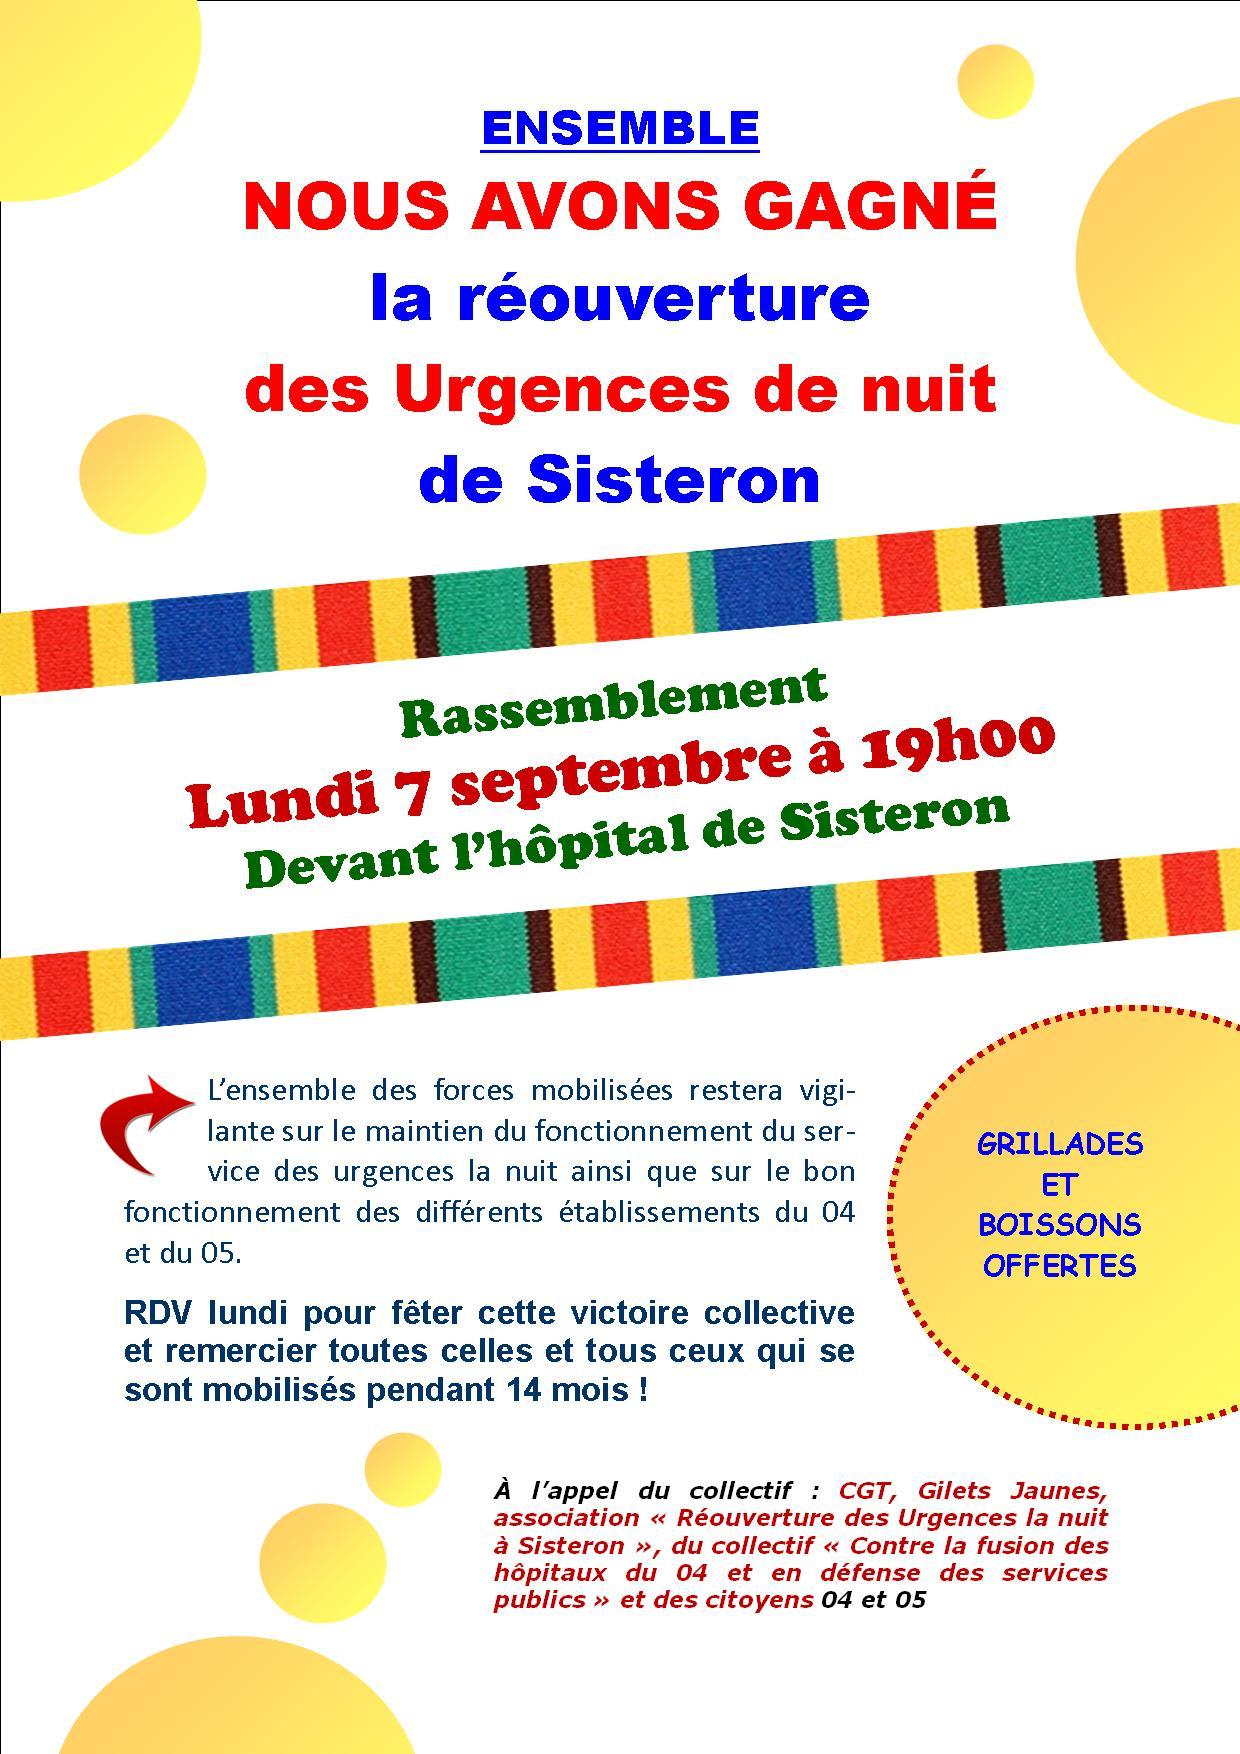 1288. Victoire Réouverture des Urgences la nuit de Sisteron